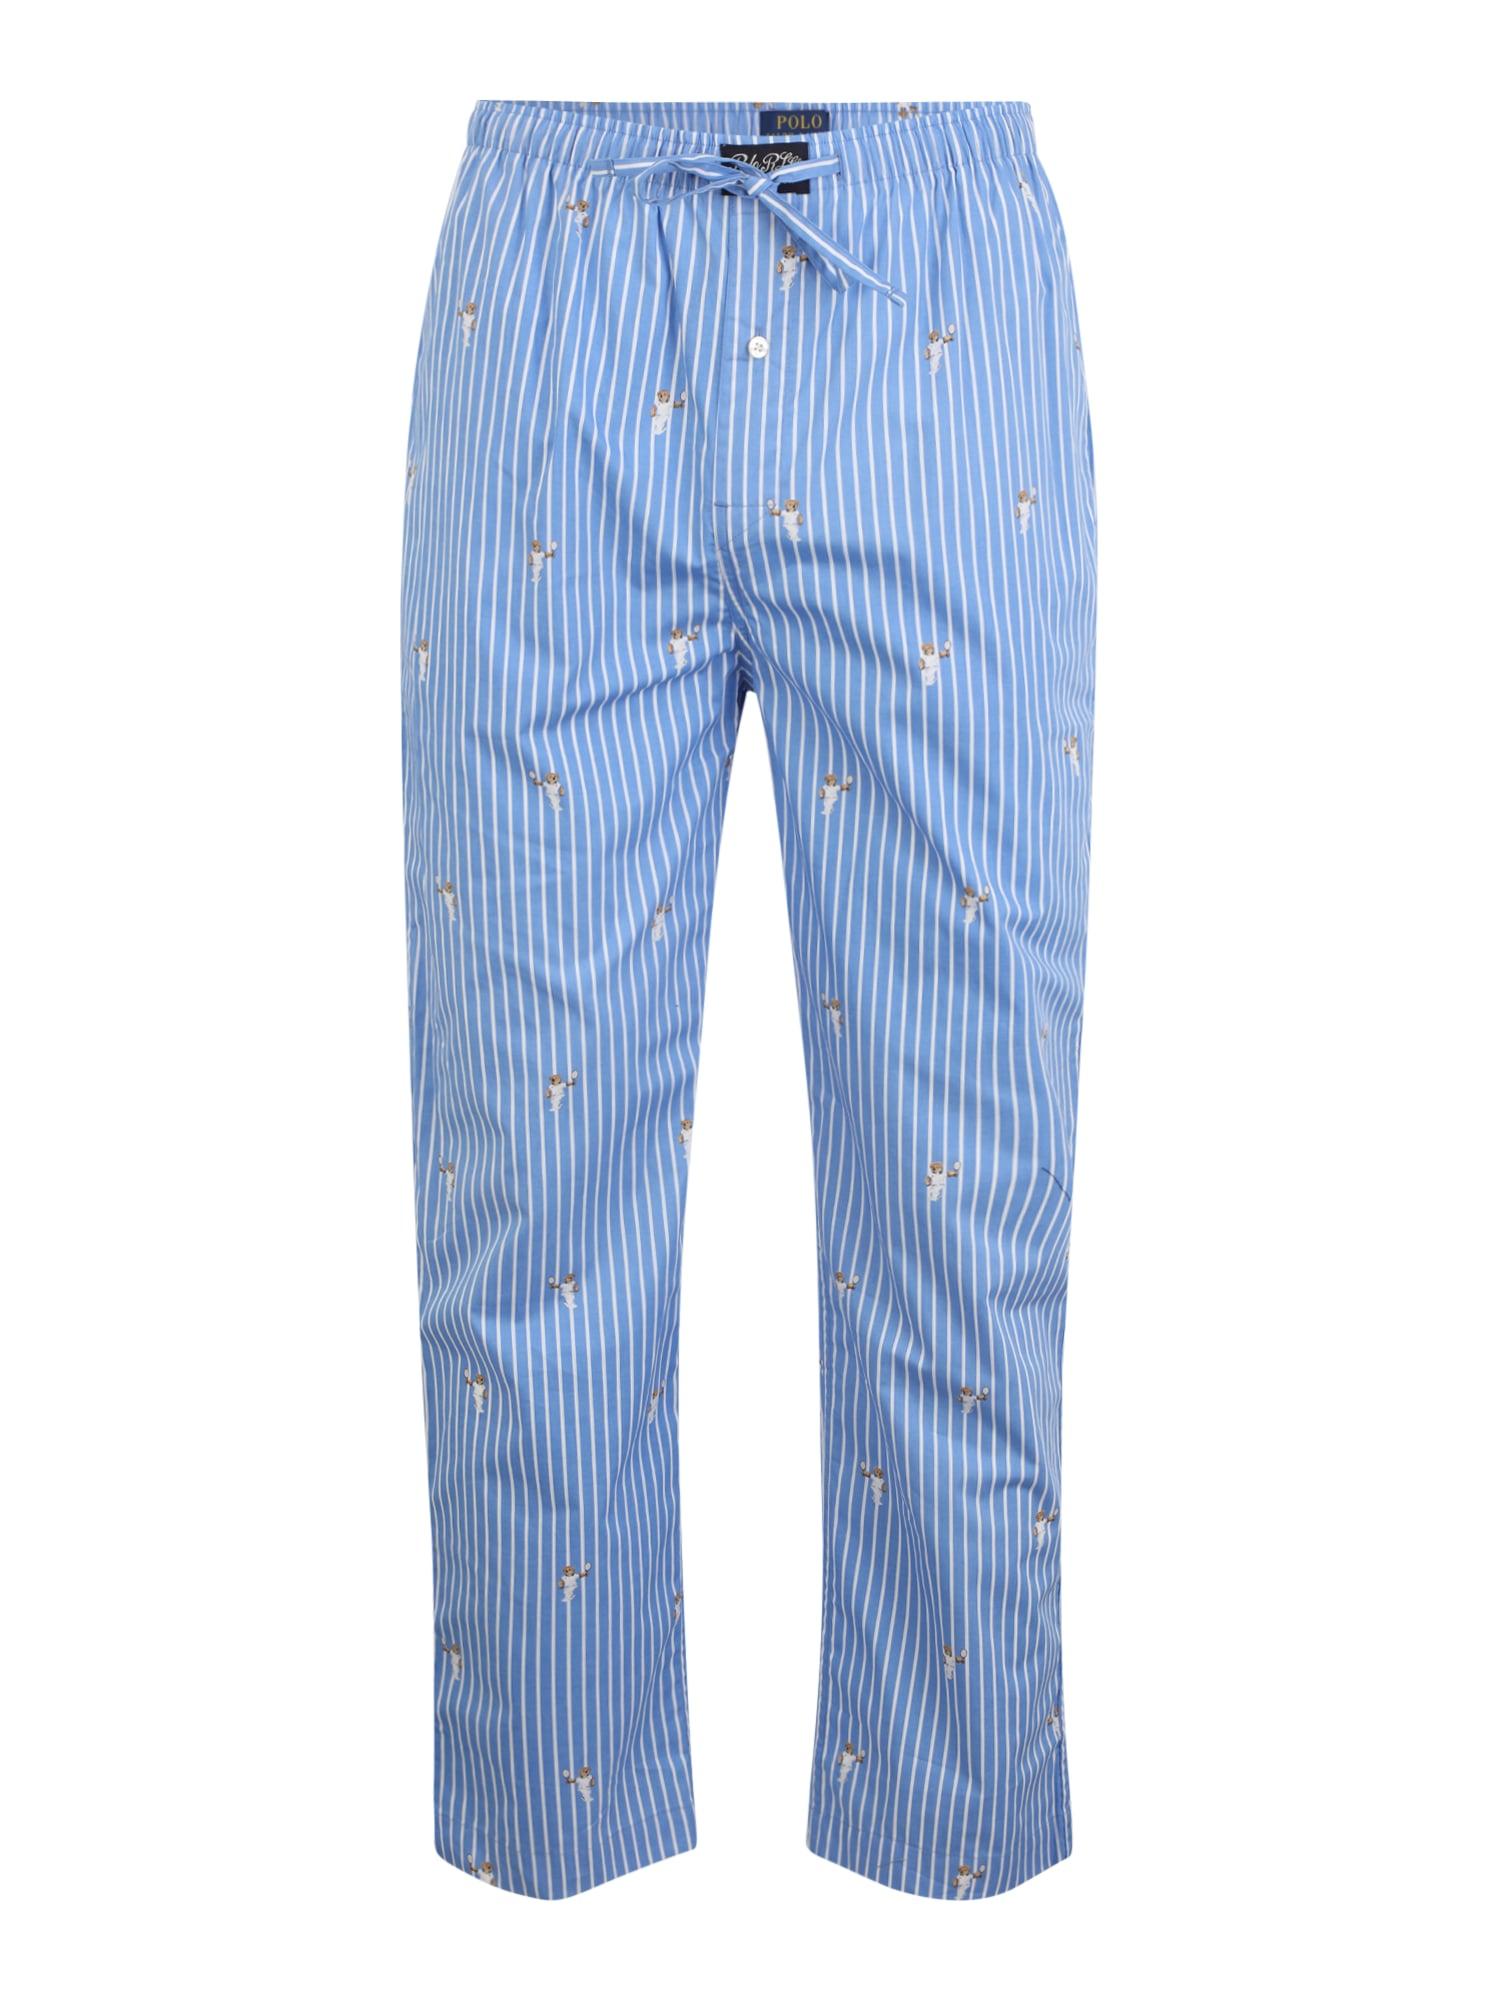 POLO RALPH LAUREN Pižaminės kelnės mėlyna dūmų spalva / balta / šviesiai ruda